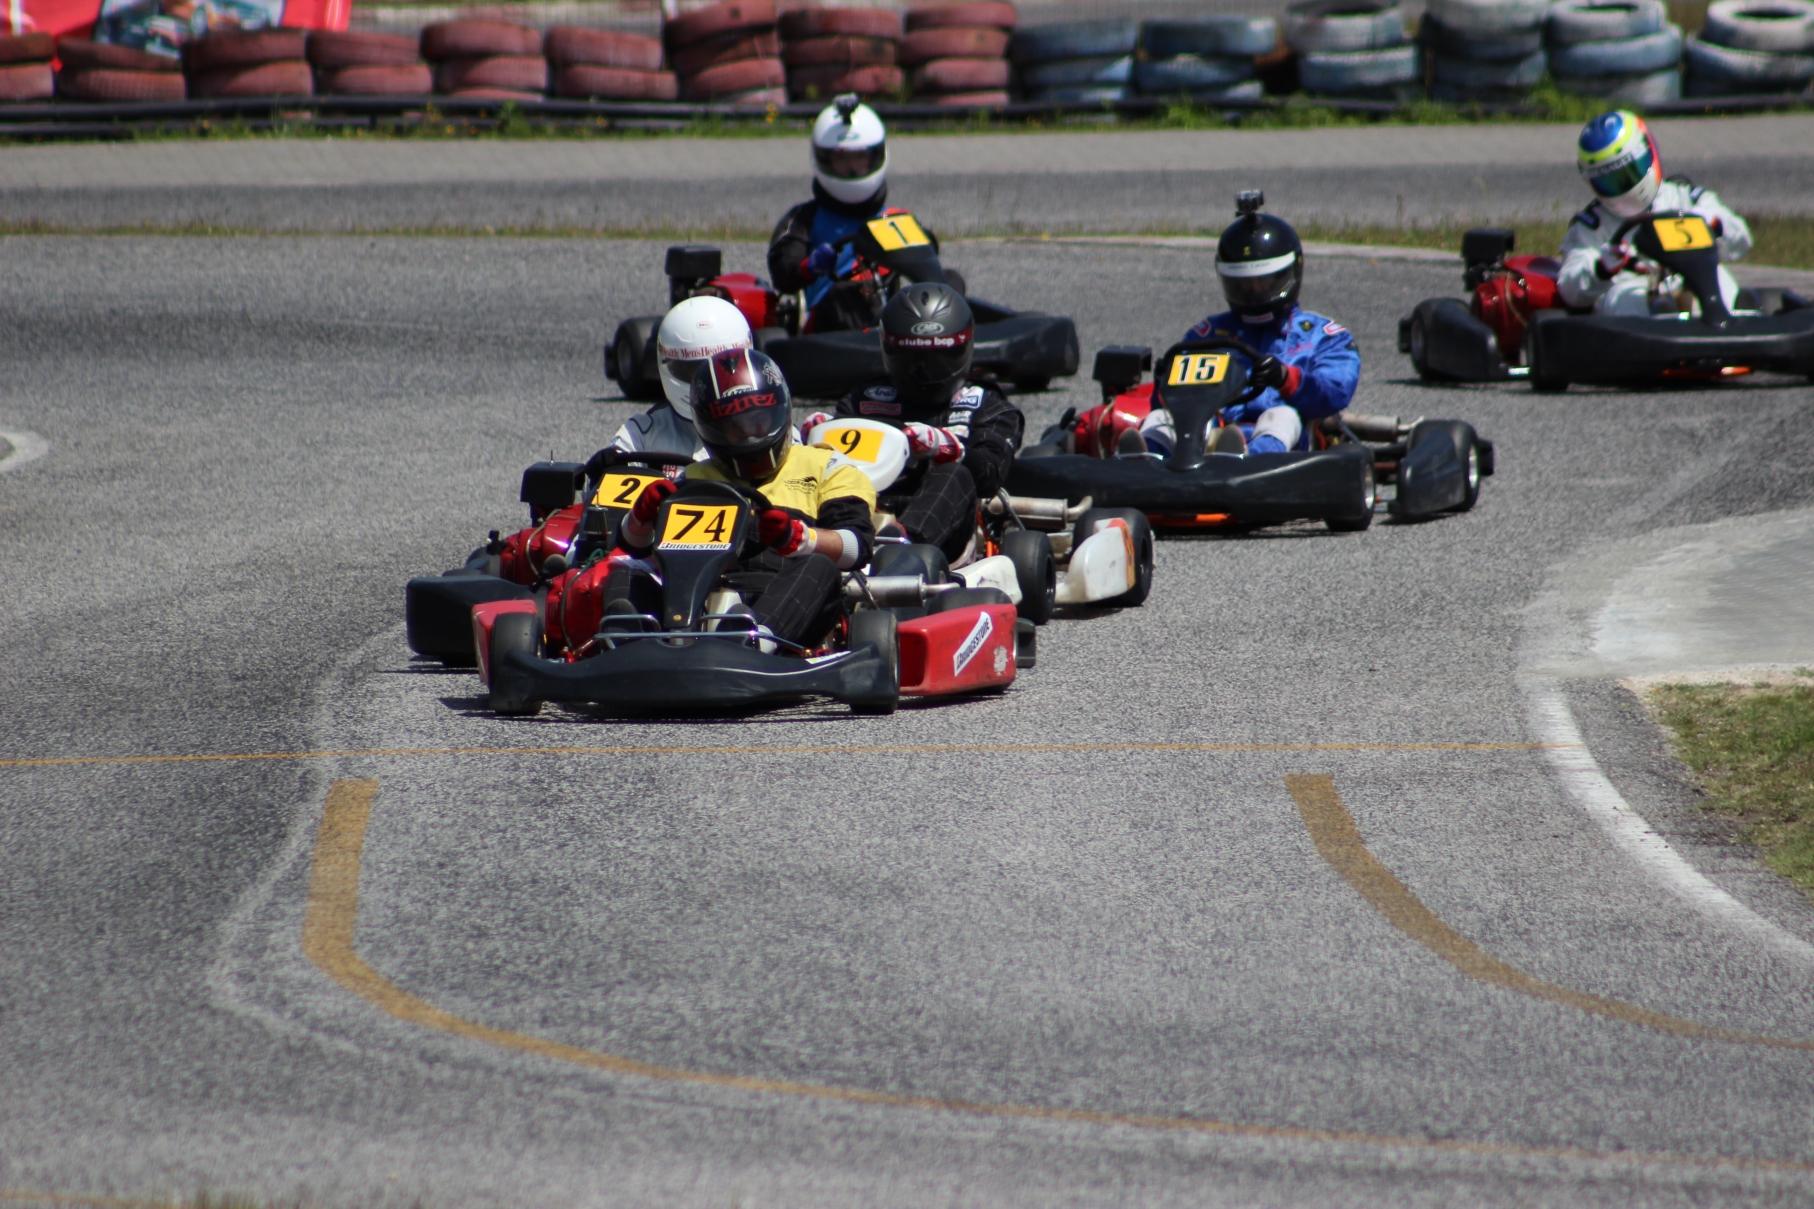 Troféu Honda 2014 - 1ª Prova21